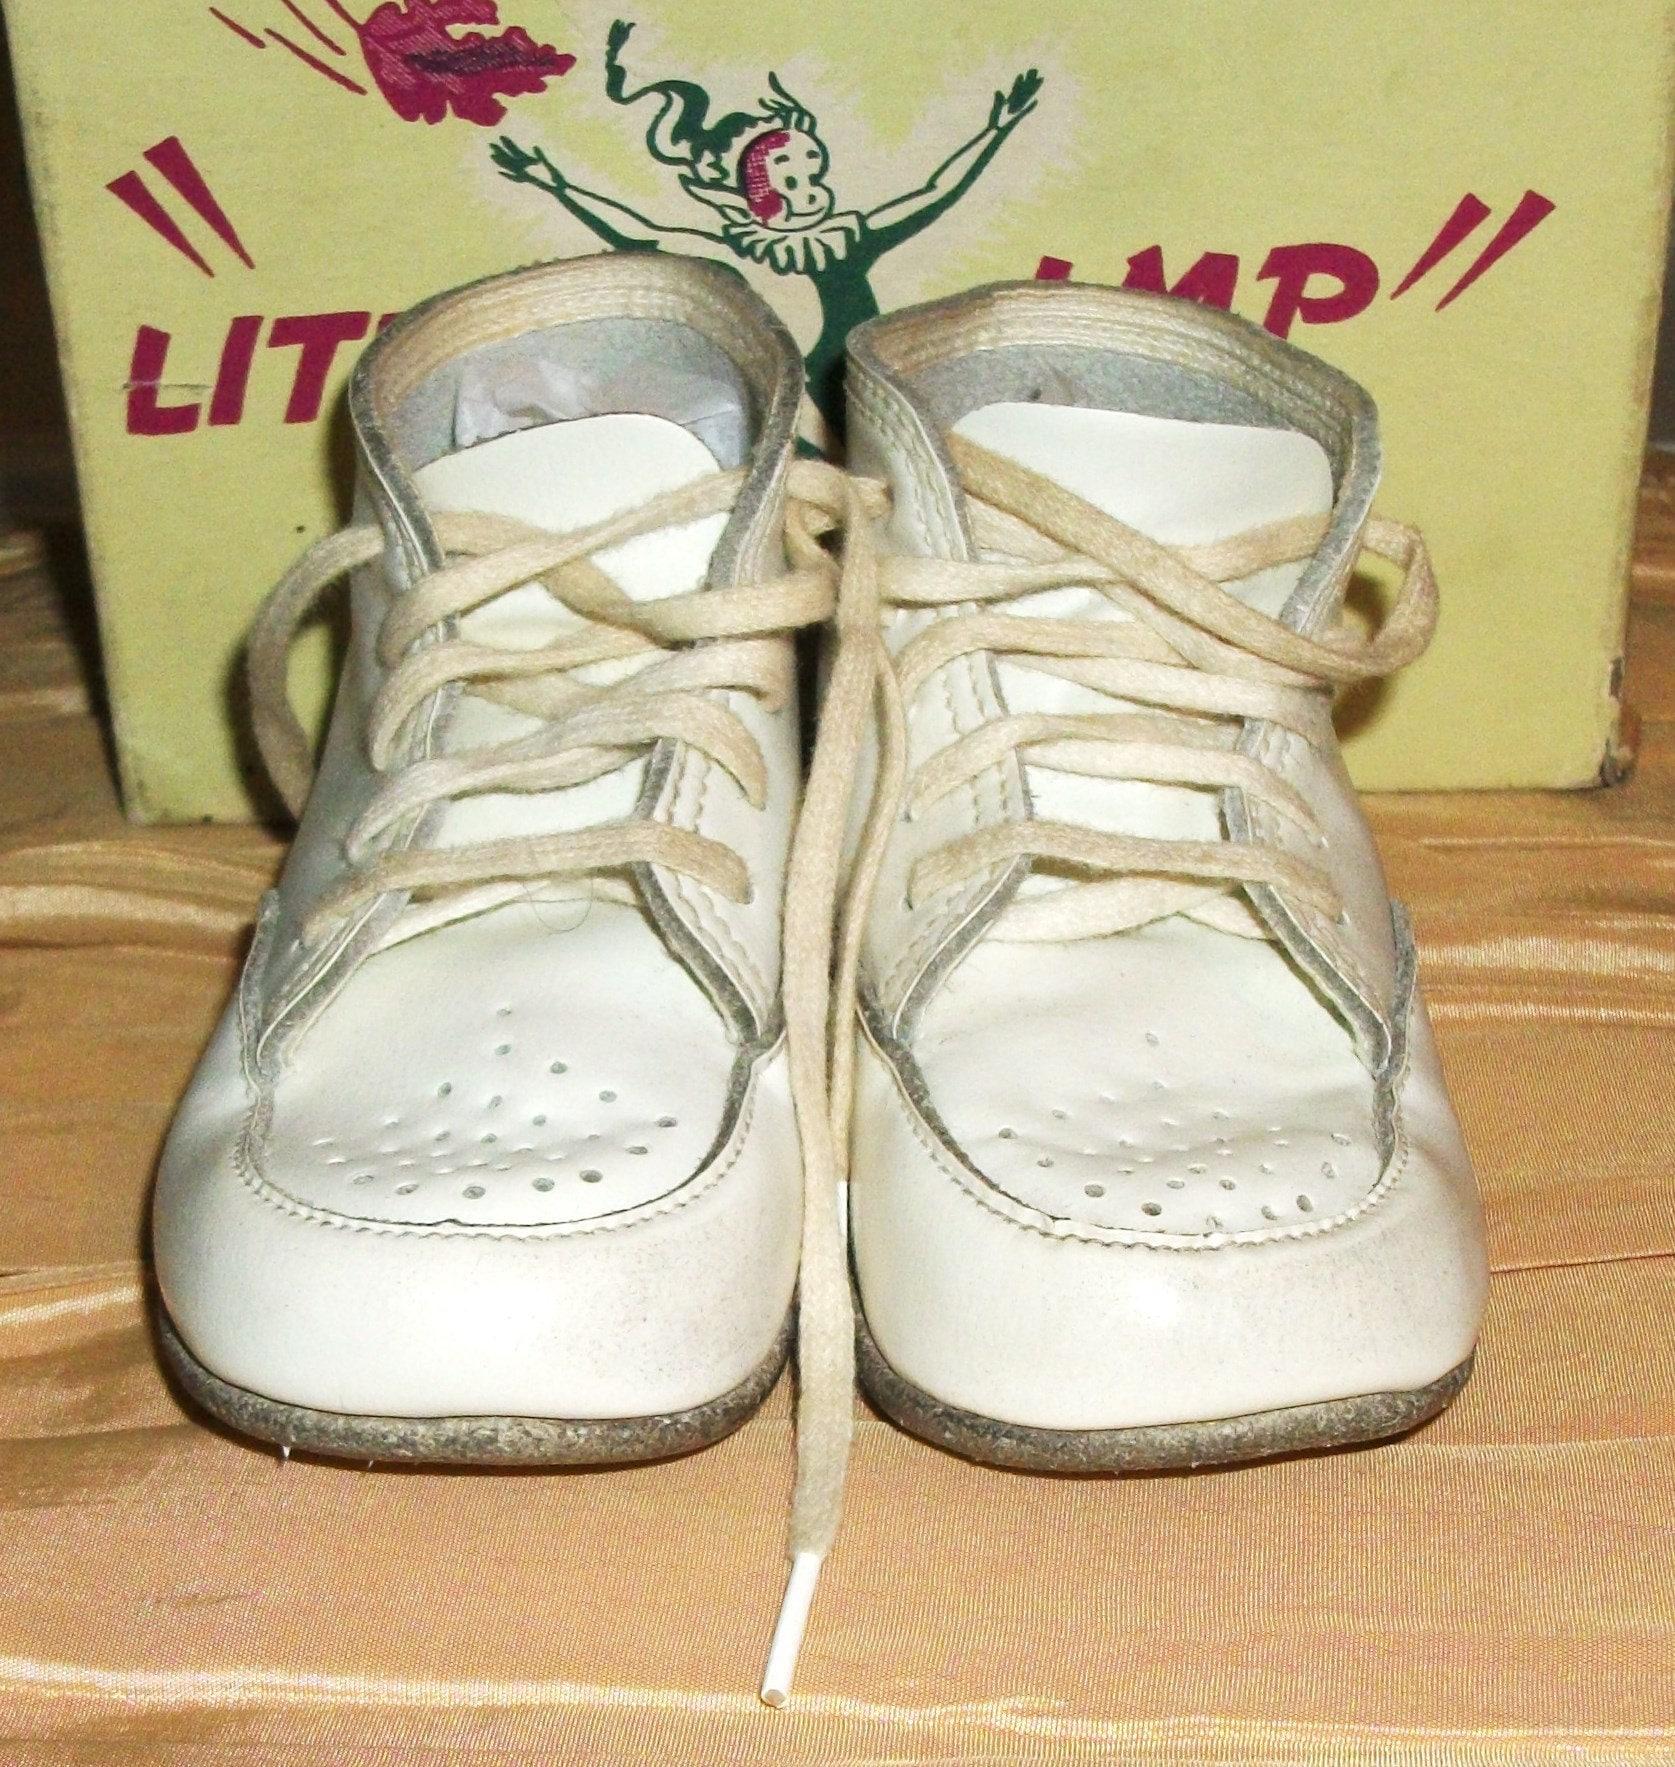 Little Imp Size 2 Hard Sole Baby Shoes Original Box